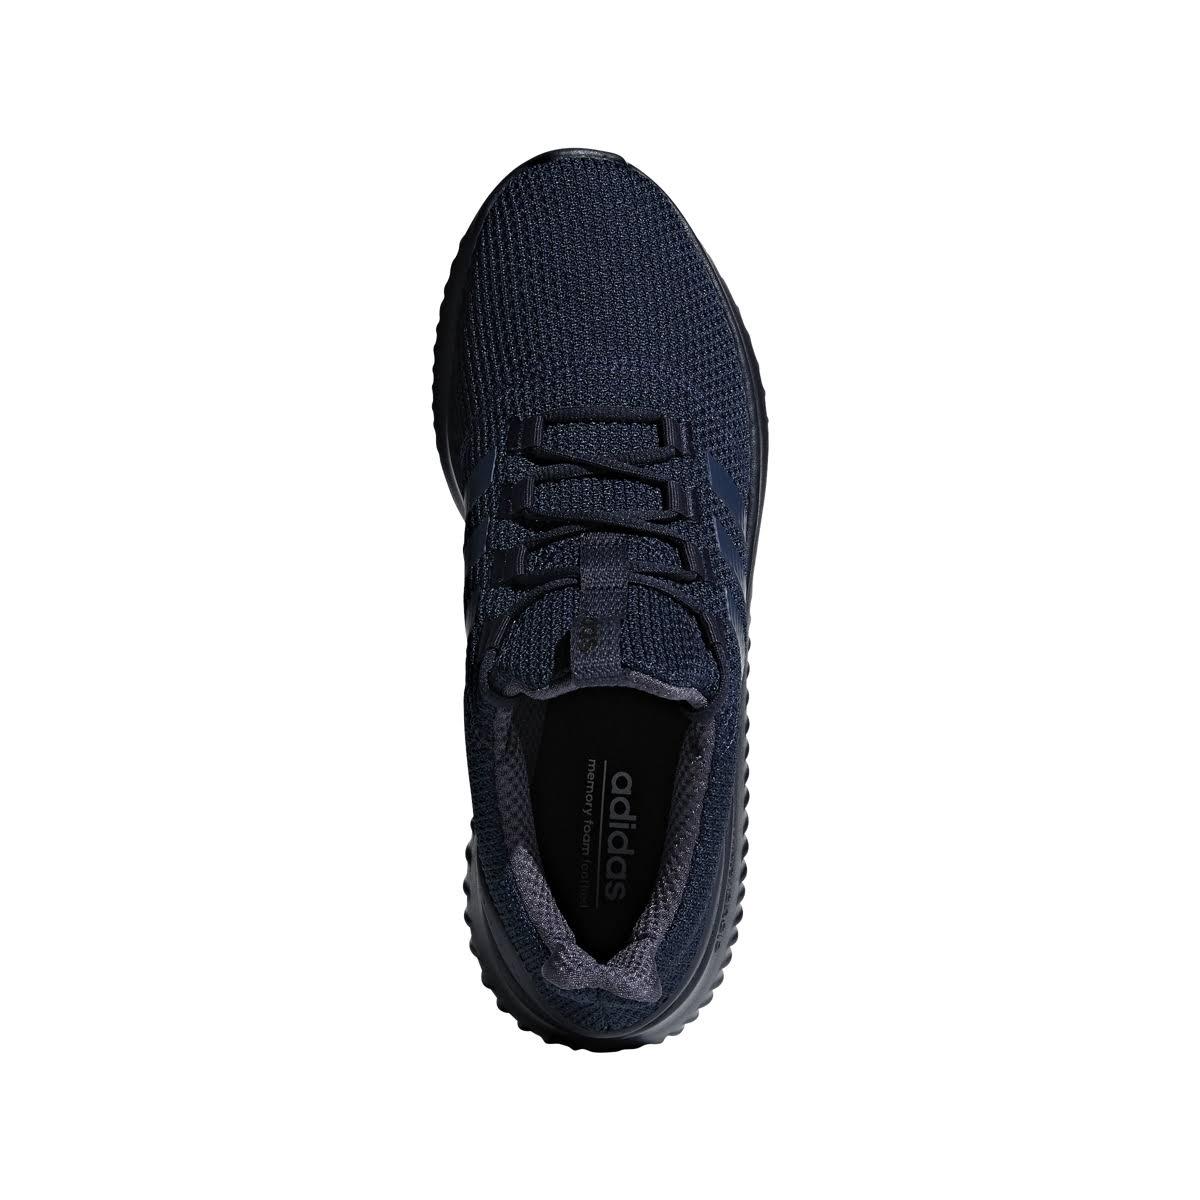 Hombres 5 Blue Adidas Corriendo Legend Cloudfoam Zapatillas Ink Ultimate 11 Dark xdOpI00Yqn